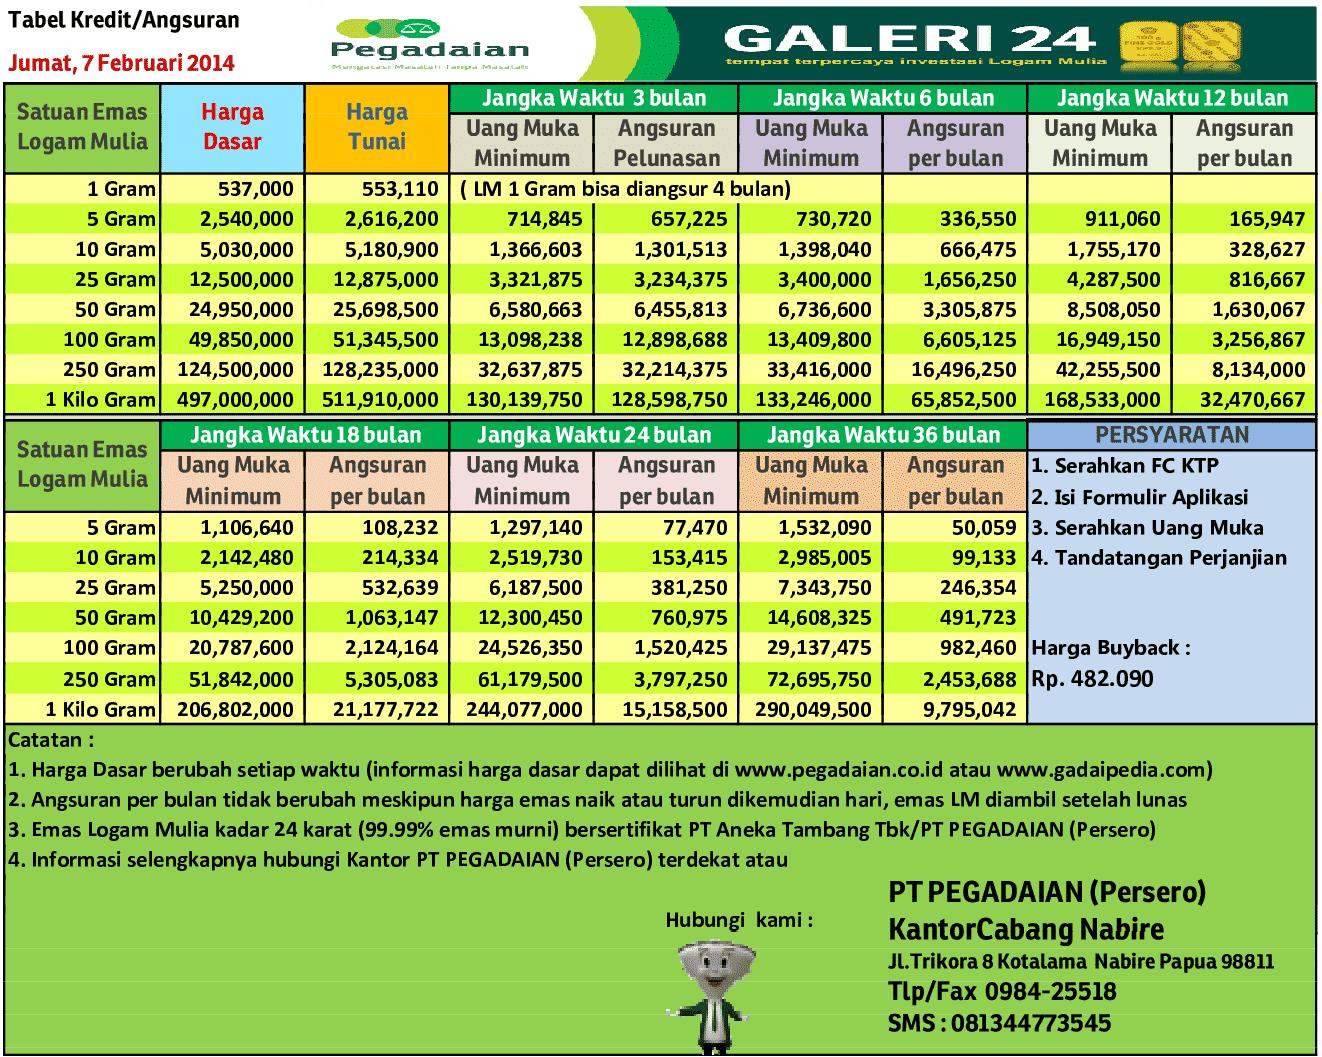 harga emas dan tabel kredit emas pegadaian 7 februari 2014